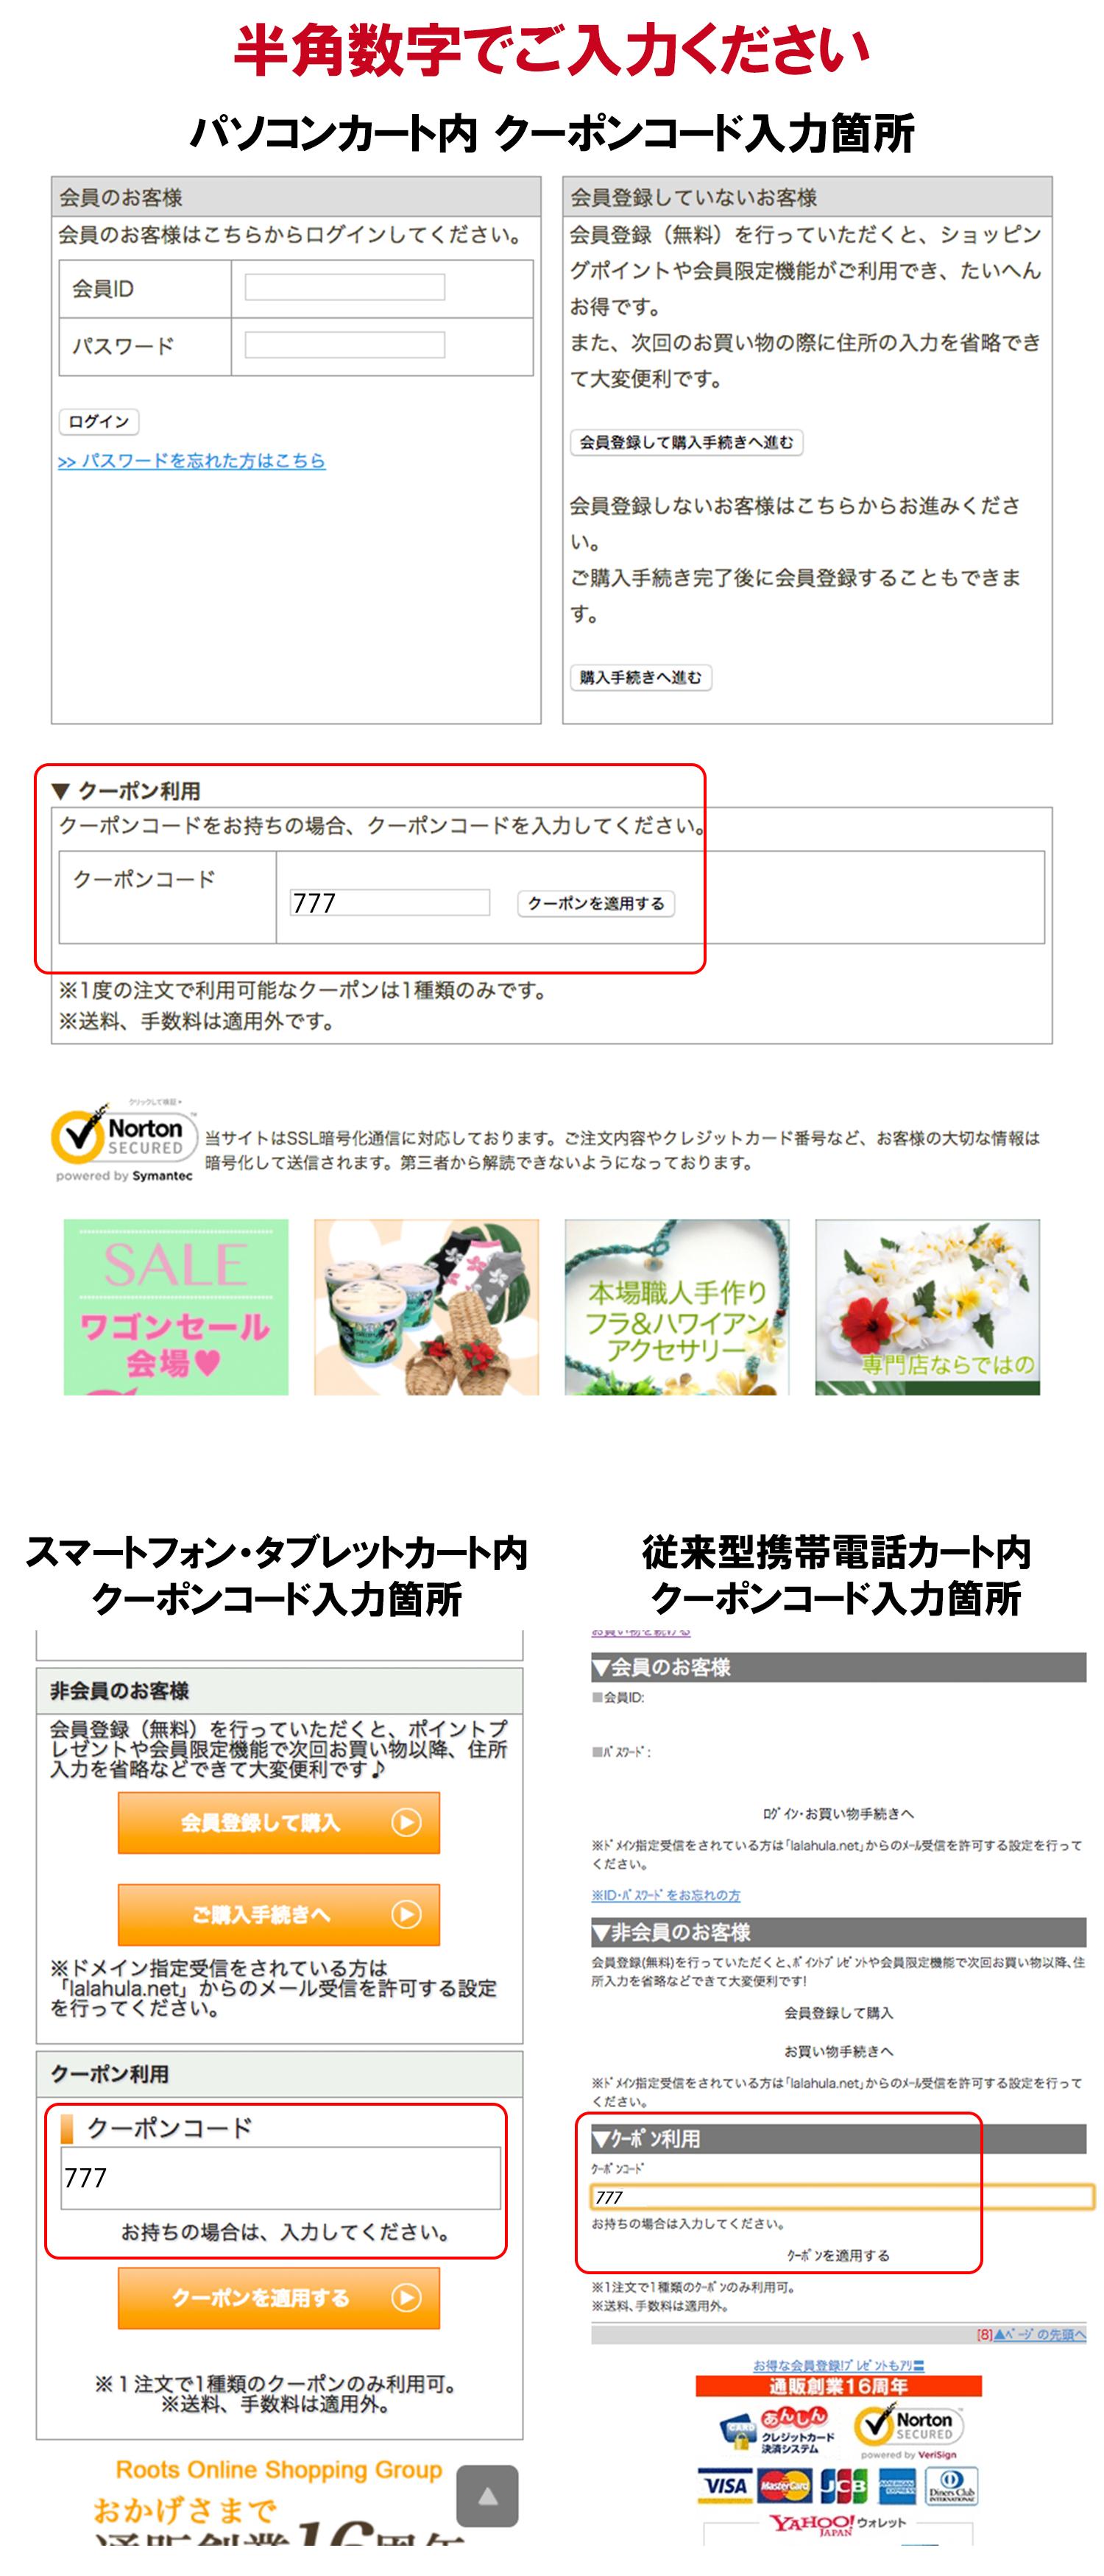 300円分クーポンコード入力箇所